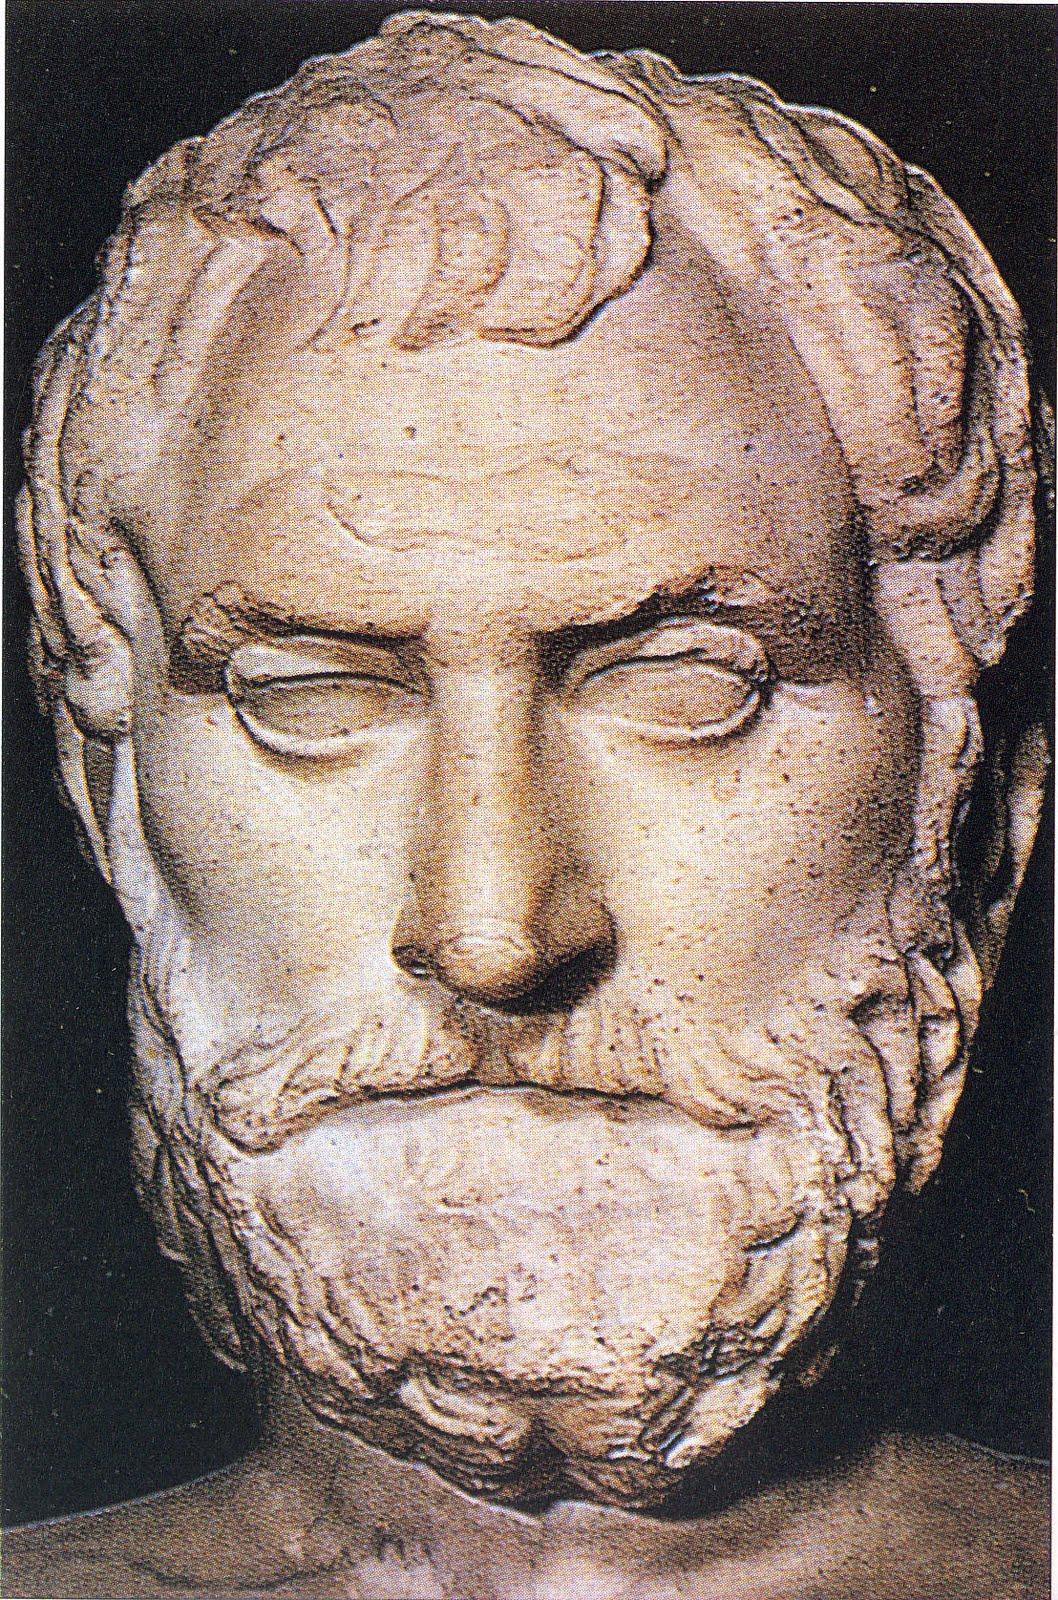 Tales de Mileto: Biografía, Teorema, Frases, Aportes, y mucho más